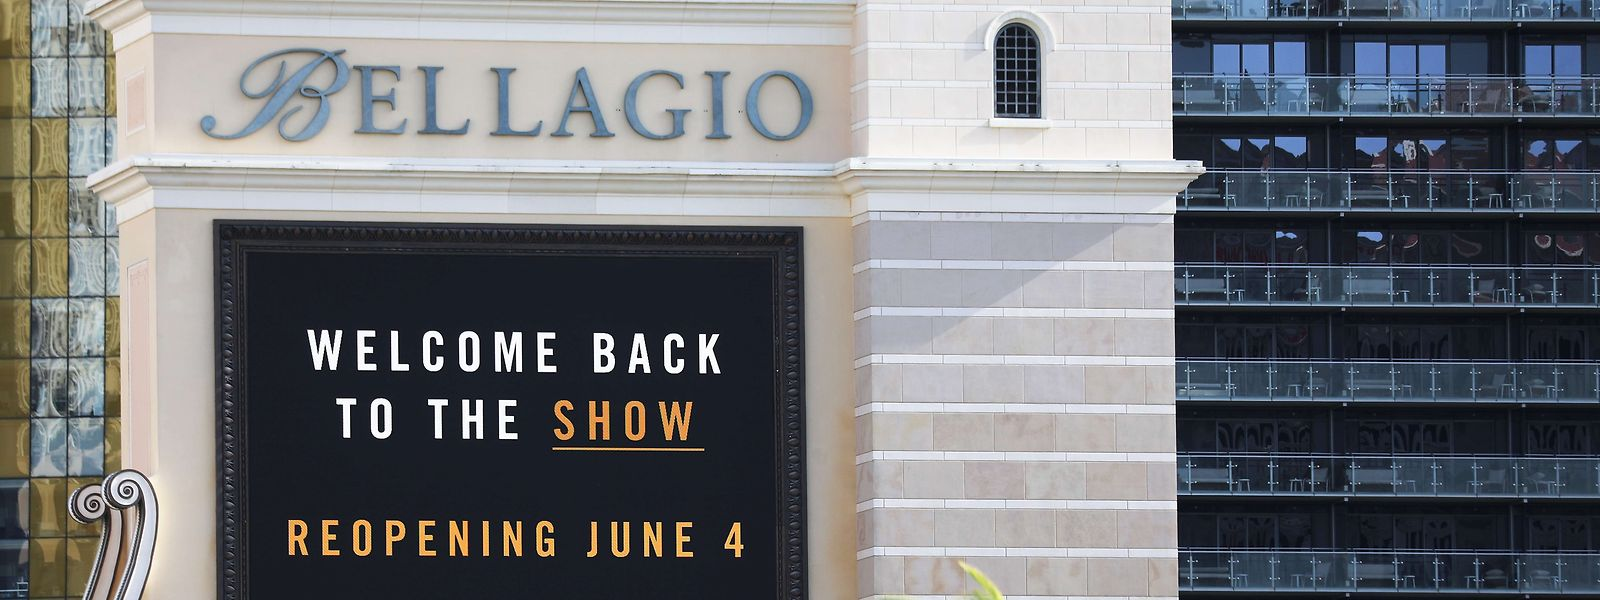 A Las Vegas, la réouverture des casinos est programmée pour le 4 juin